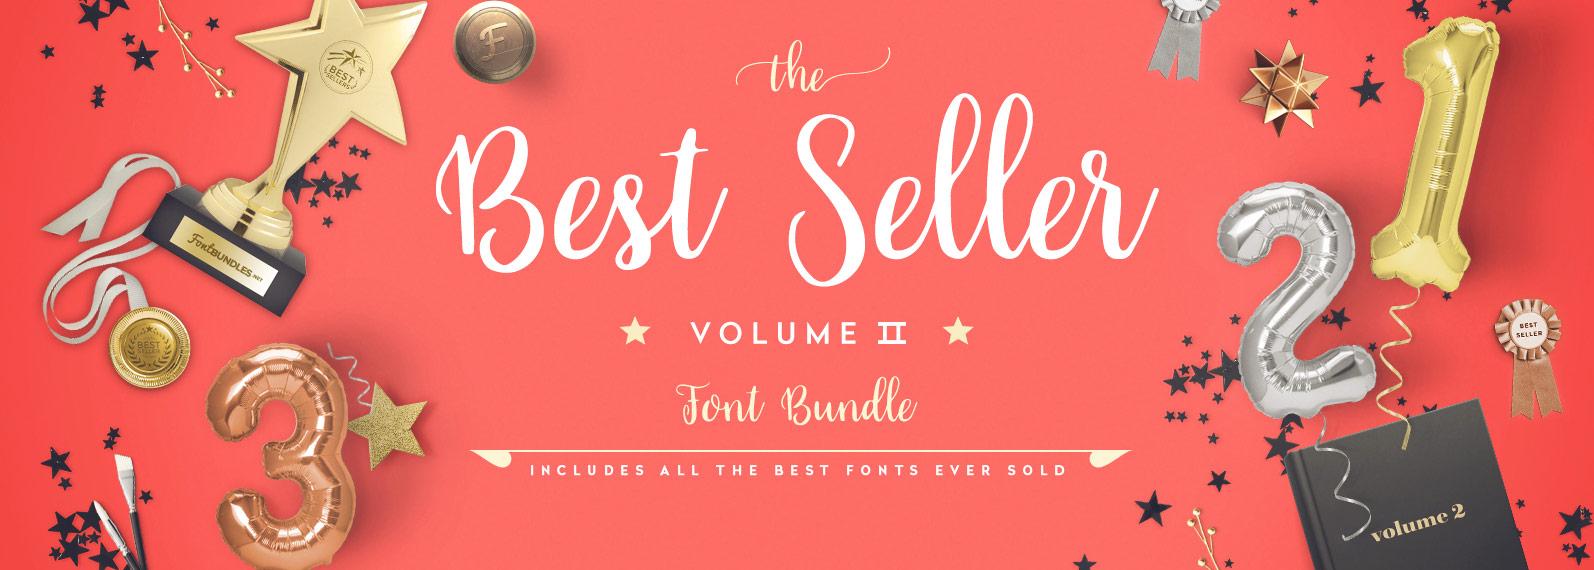 Best Seller Bundle II Cover